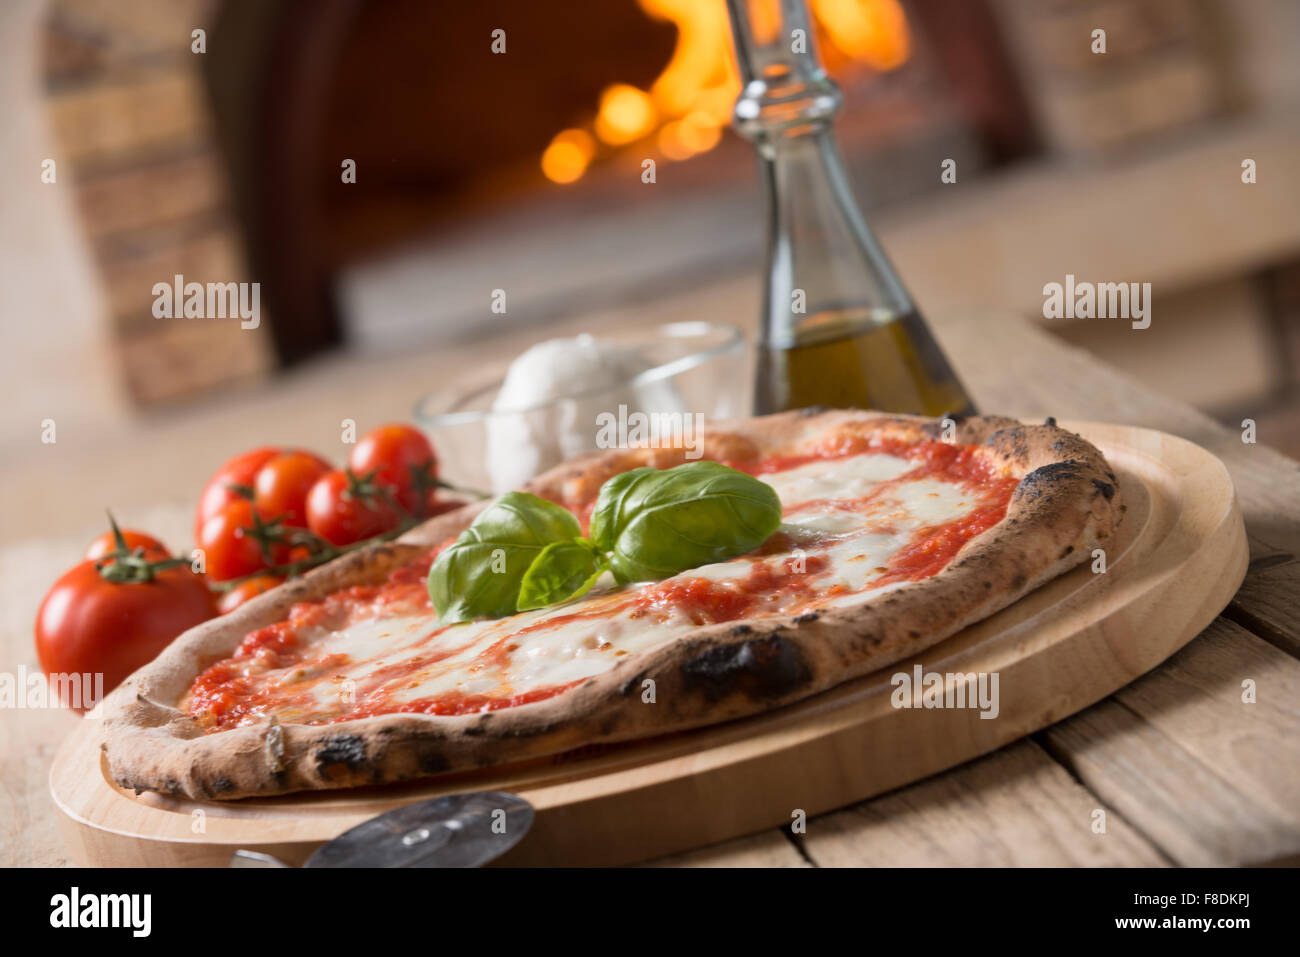 Forno a legna italiano cotto pizza margherita Immagini Stock